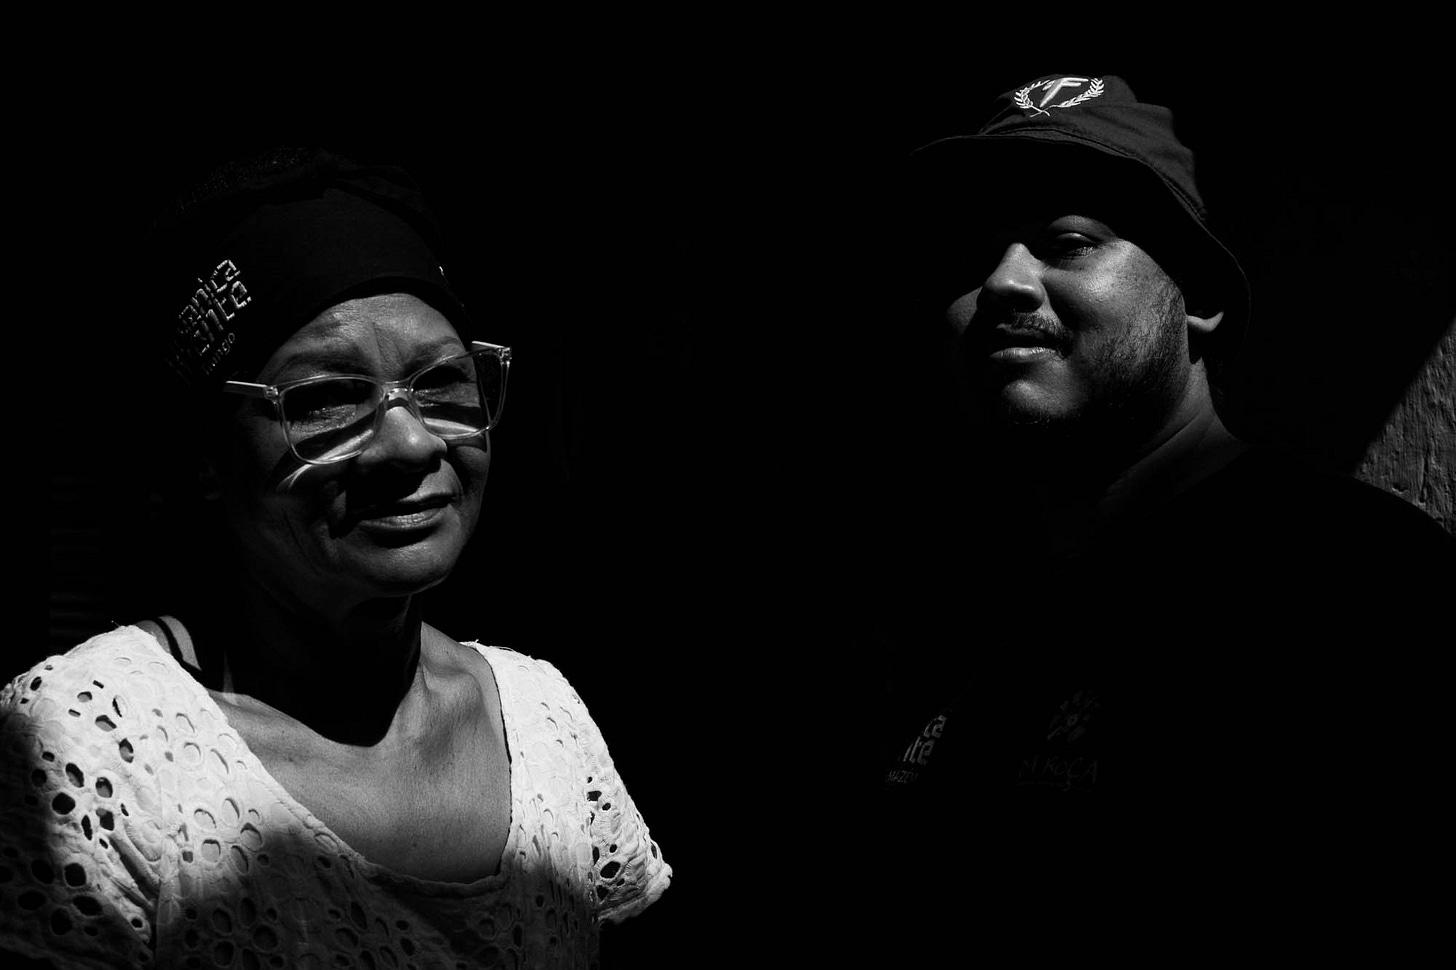 Imagem em preto e branco mostra tia Nice, usando óculos e vestindo camisa branca rendada, ao ldo do flho Thiago Vinicius, de boné e camiseta preta